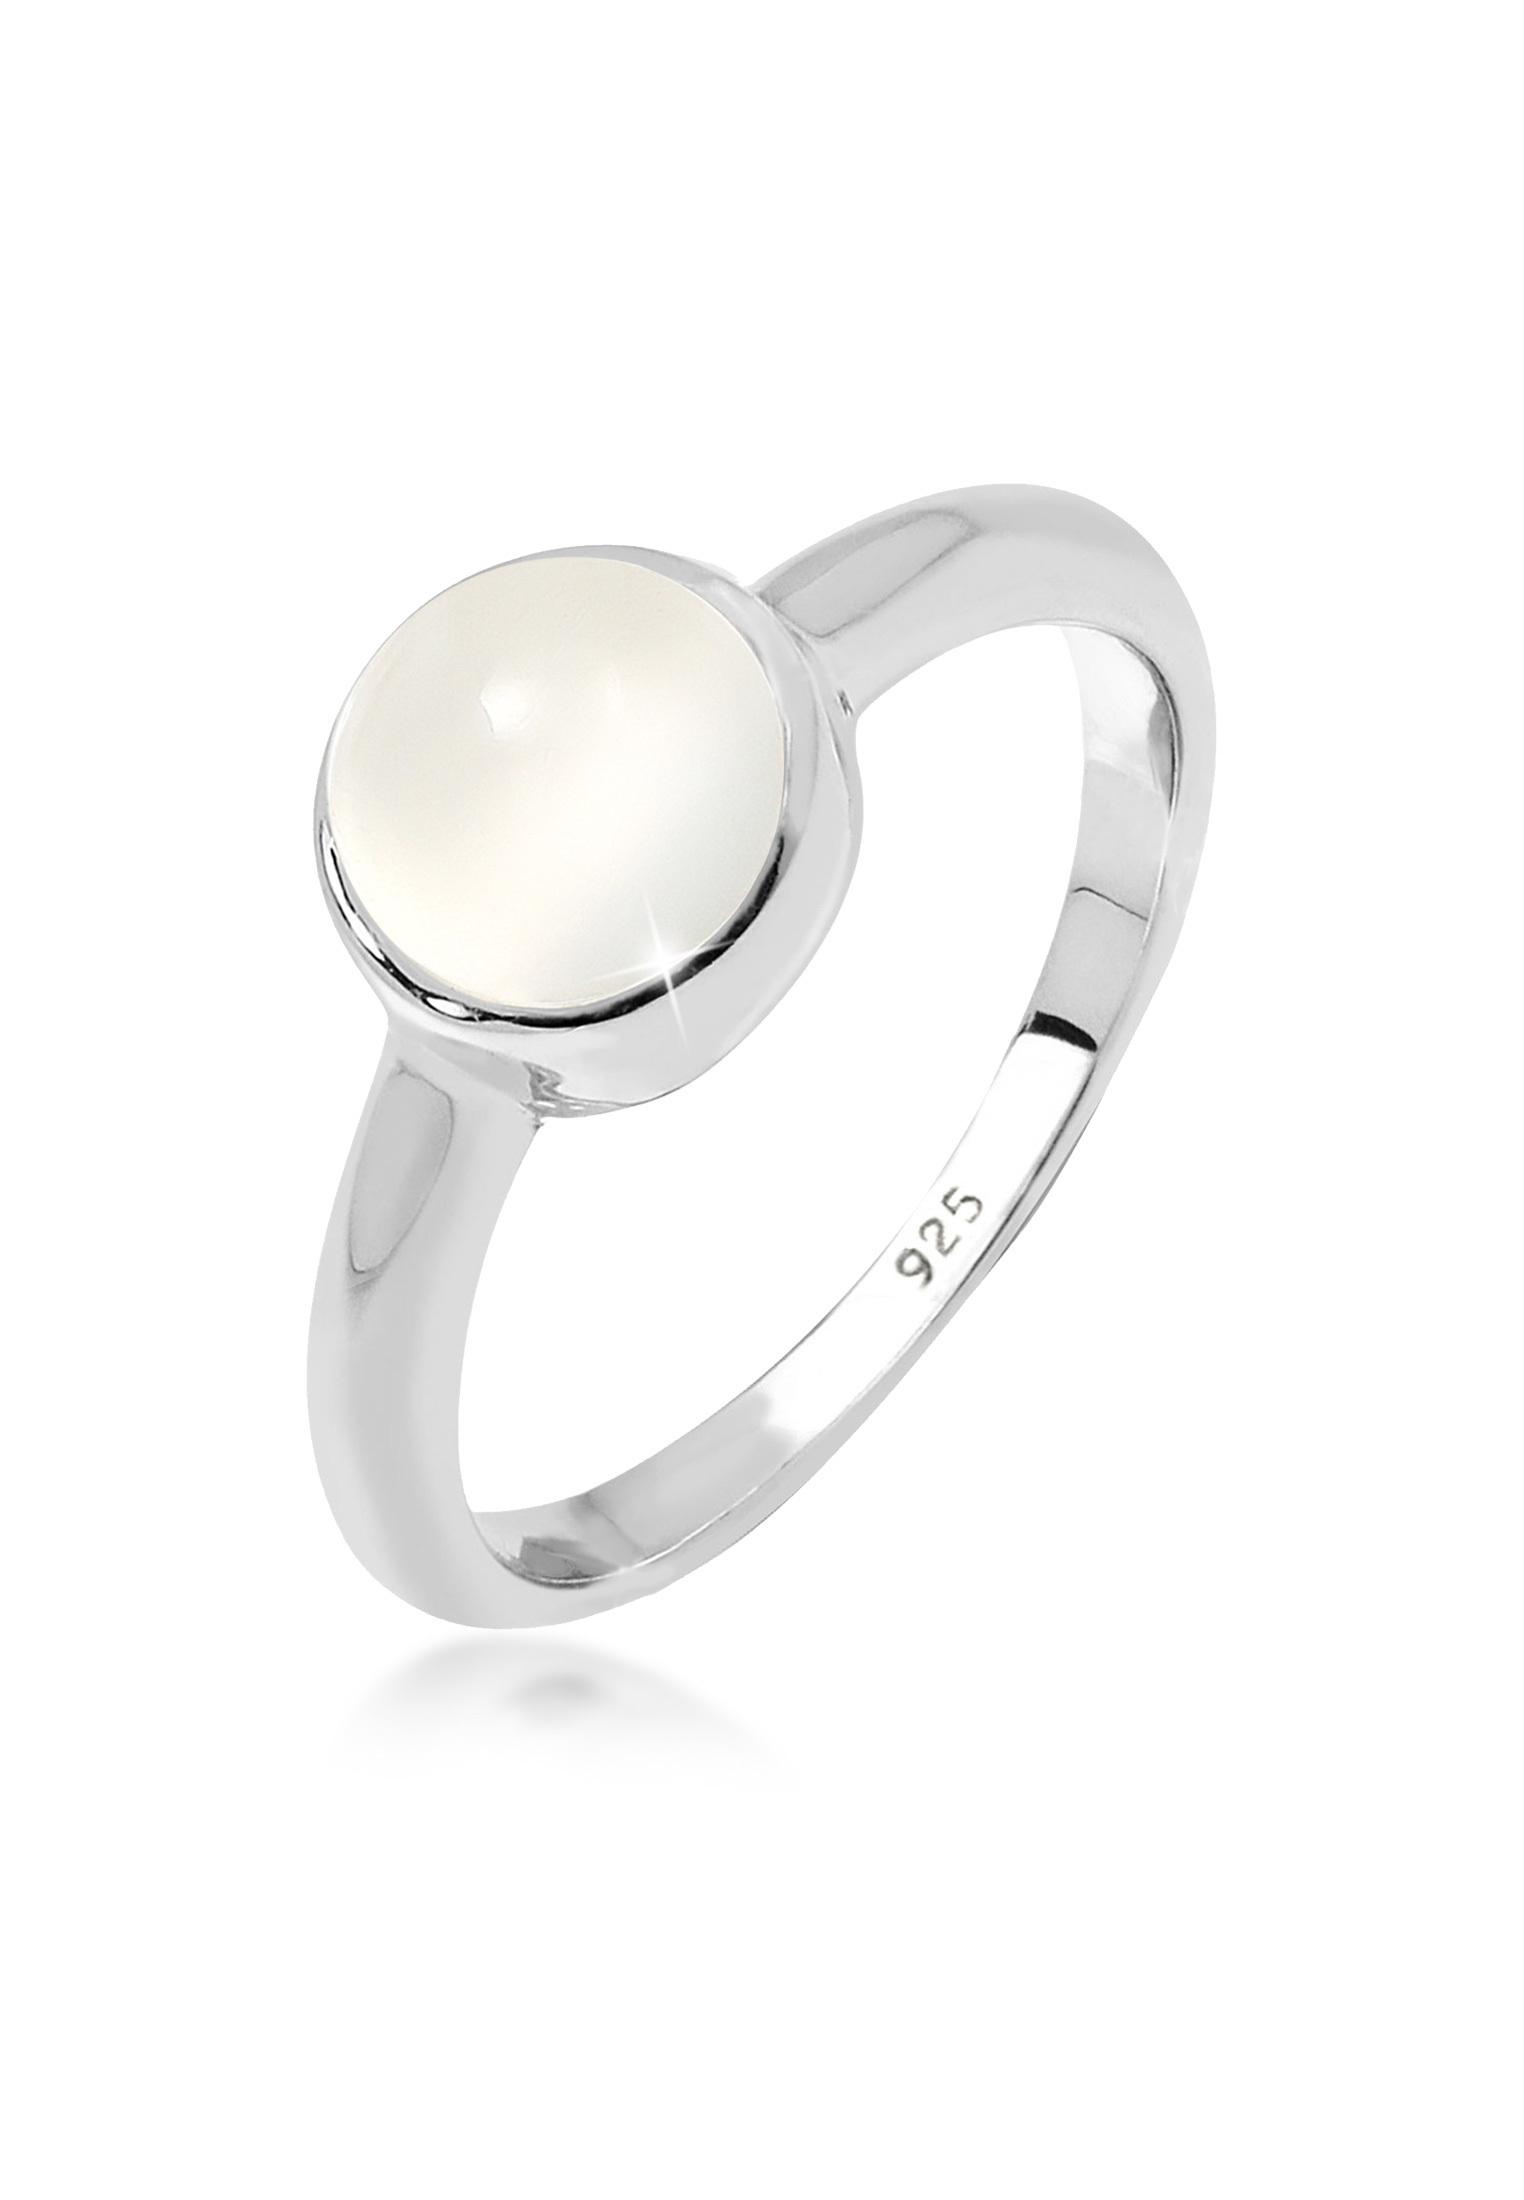 Solitär-Ring   Mondstein ( Weiß )   925er Sterling Silber